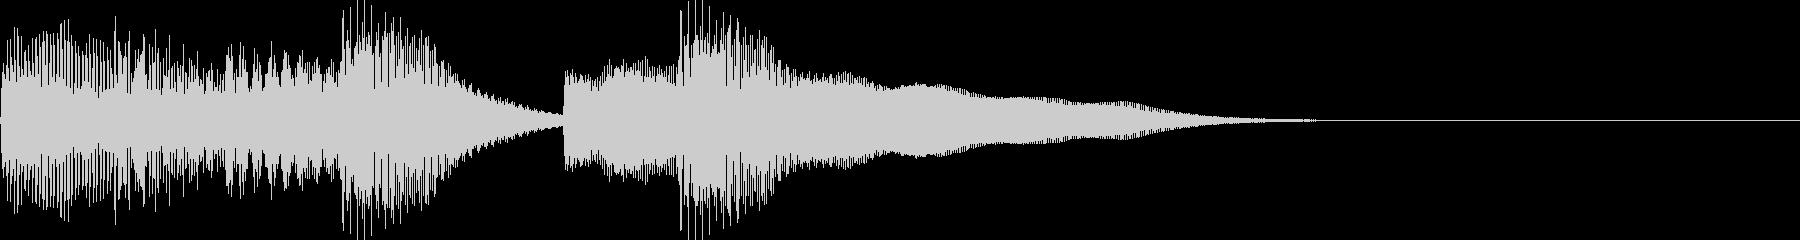 ピアノのシンプルファンファーレの未再生の波形